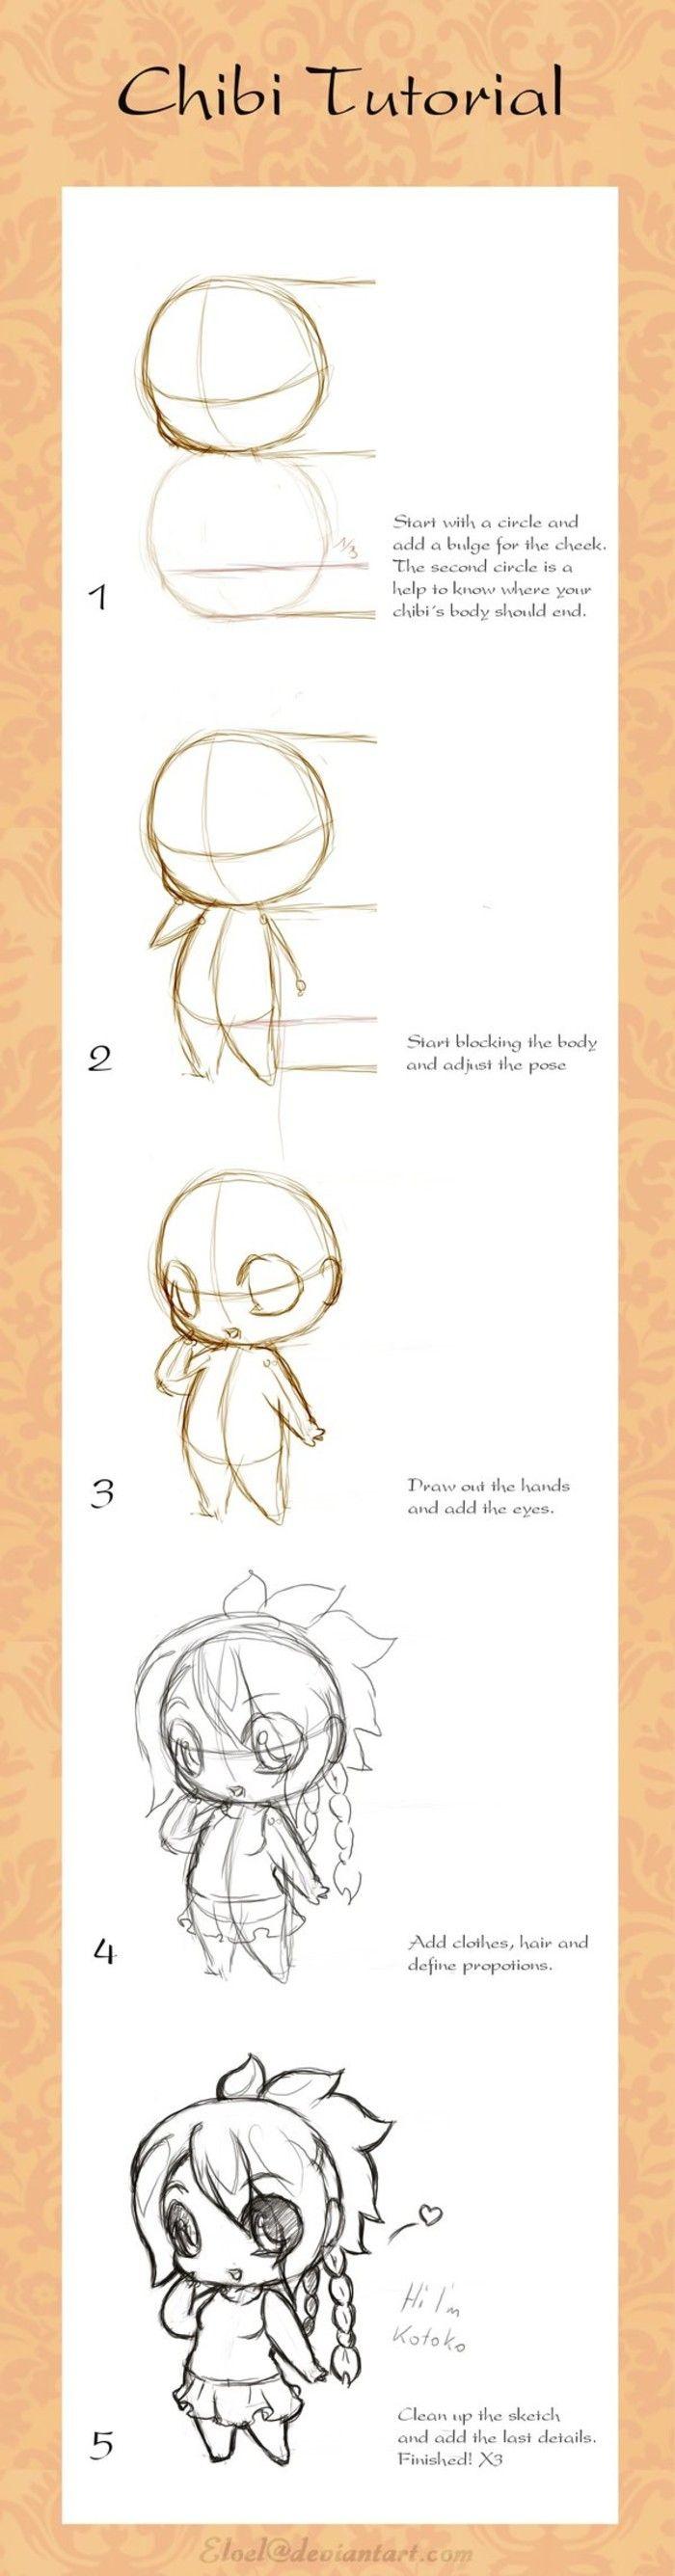 学习画画...来自珠古丽的图片分享-堆糖